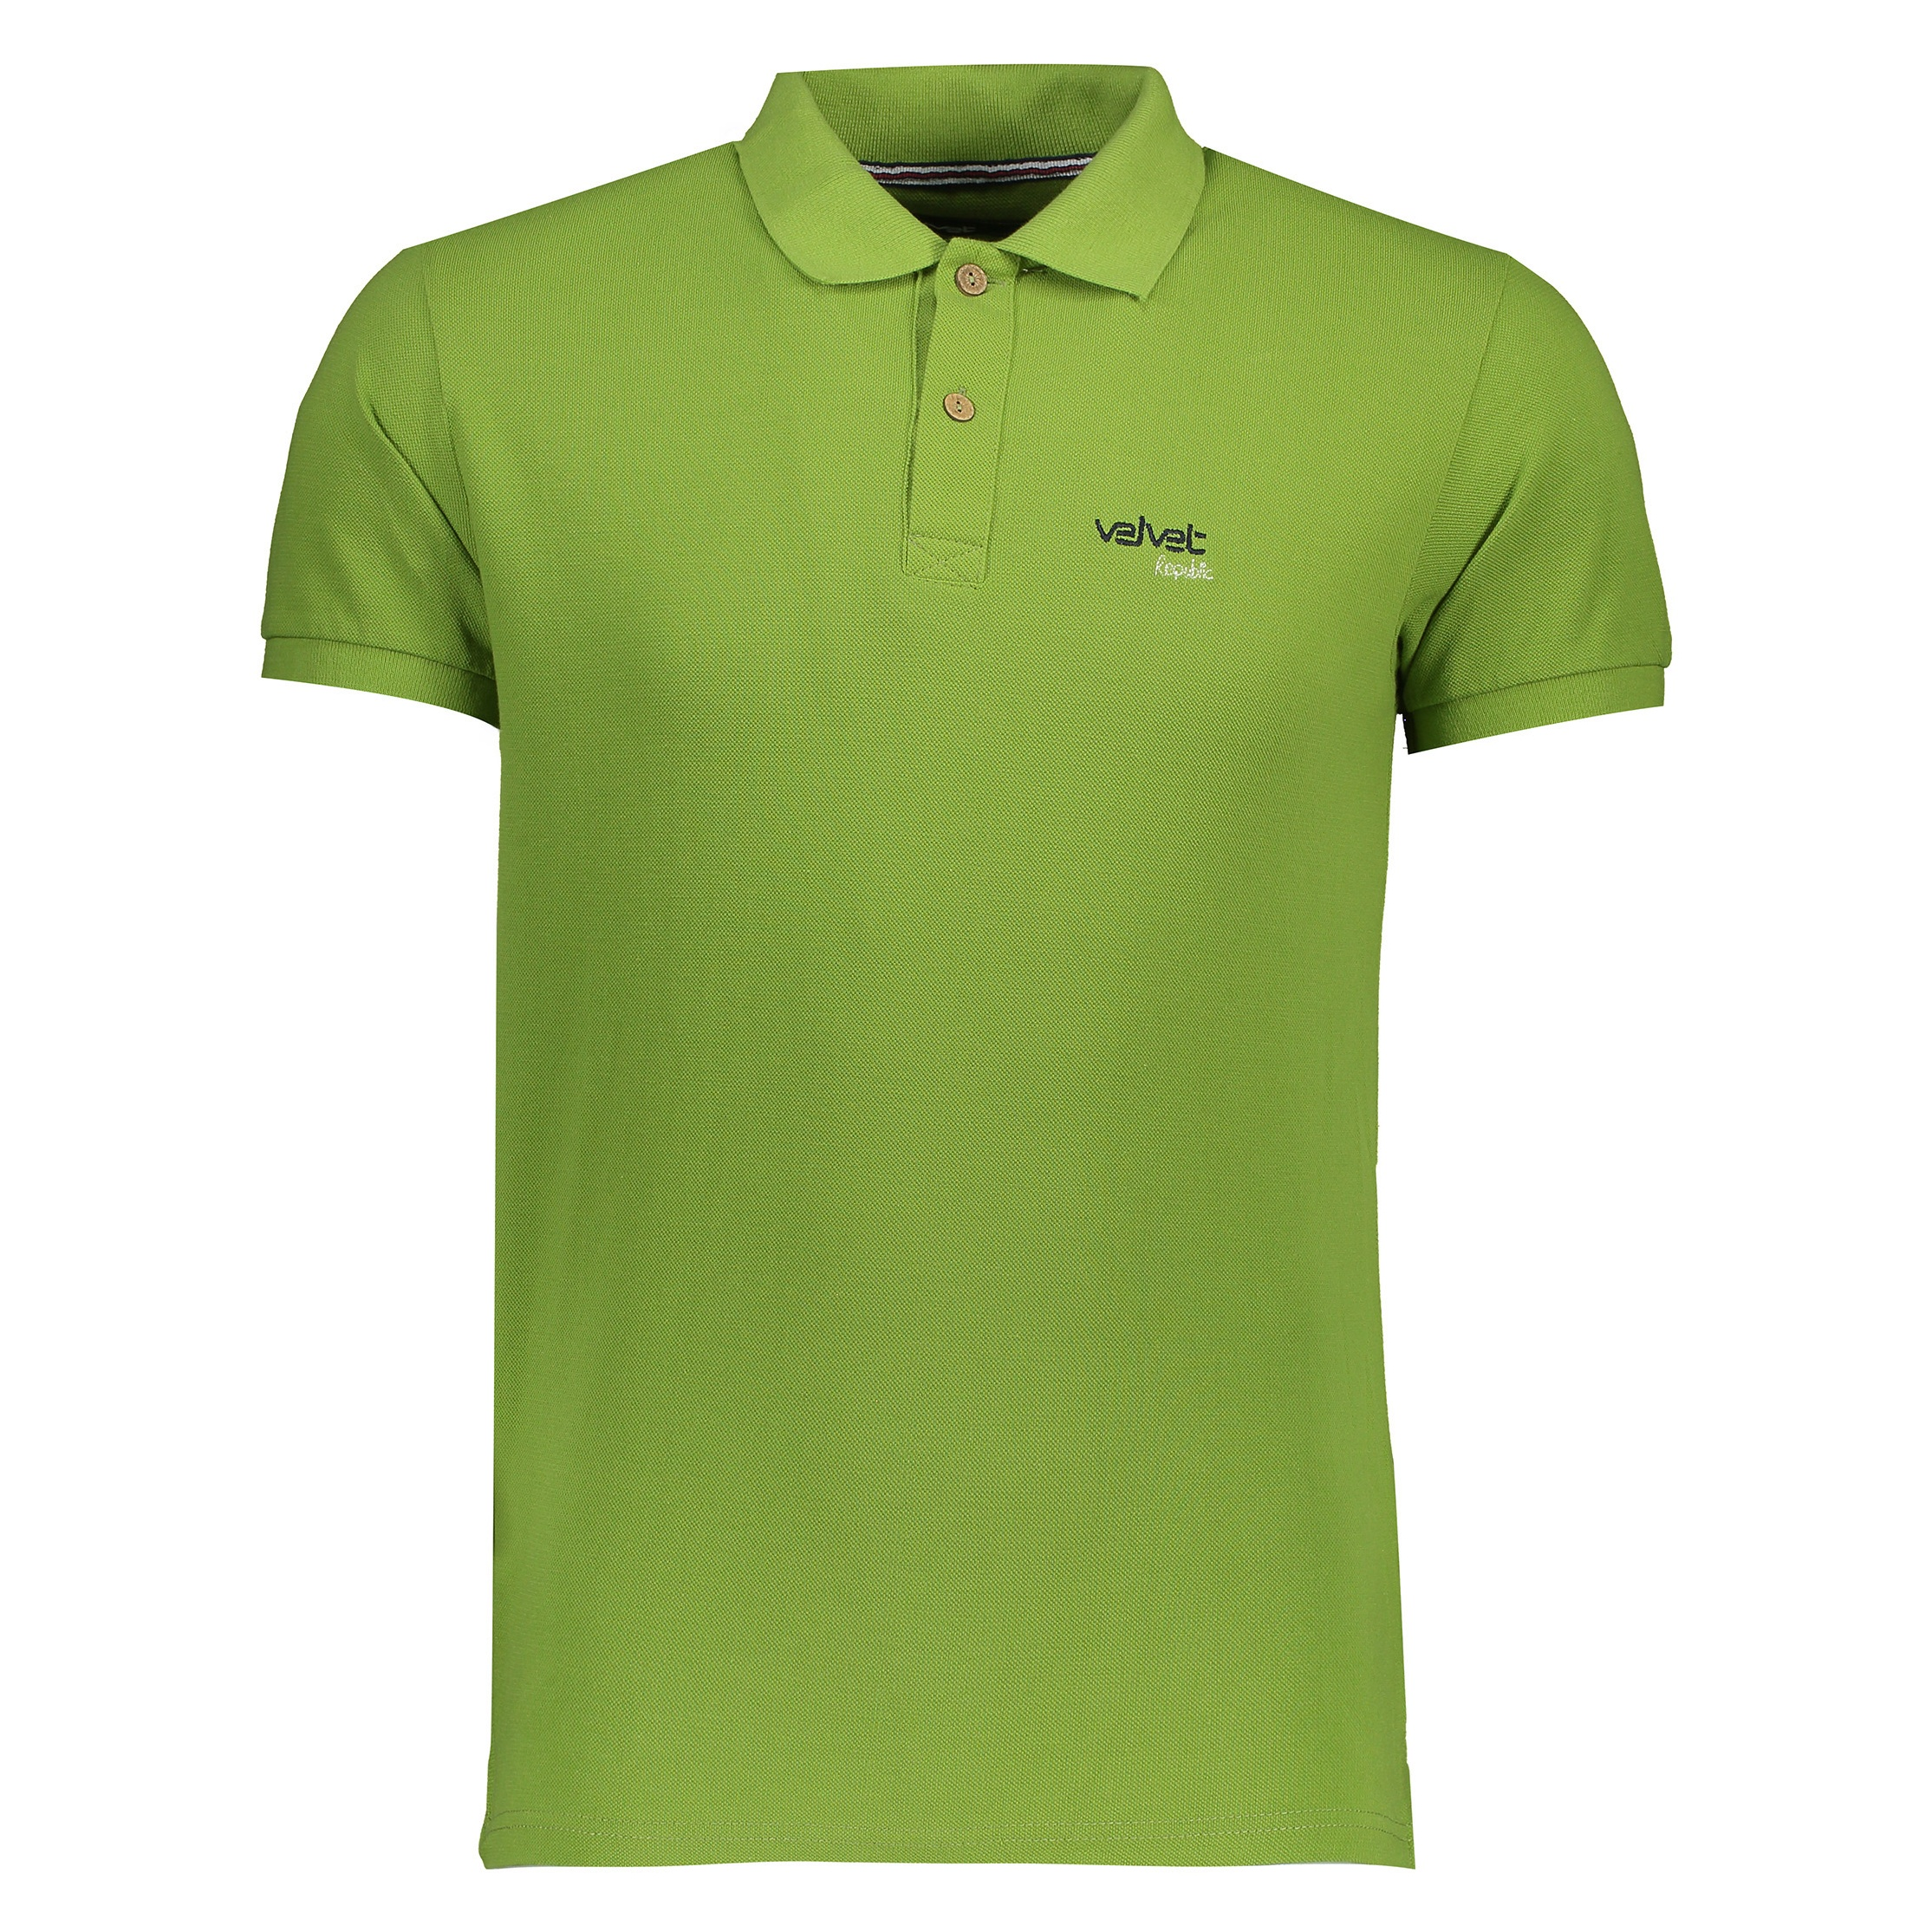 پولو شرت مردانه ولوت ریپابلیک کد 12